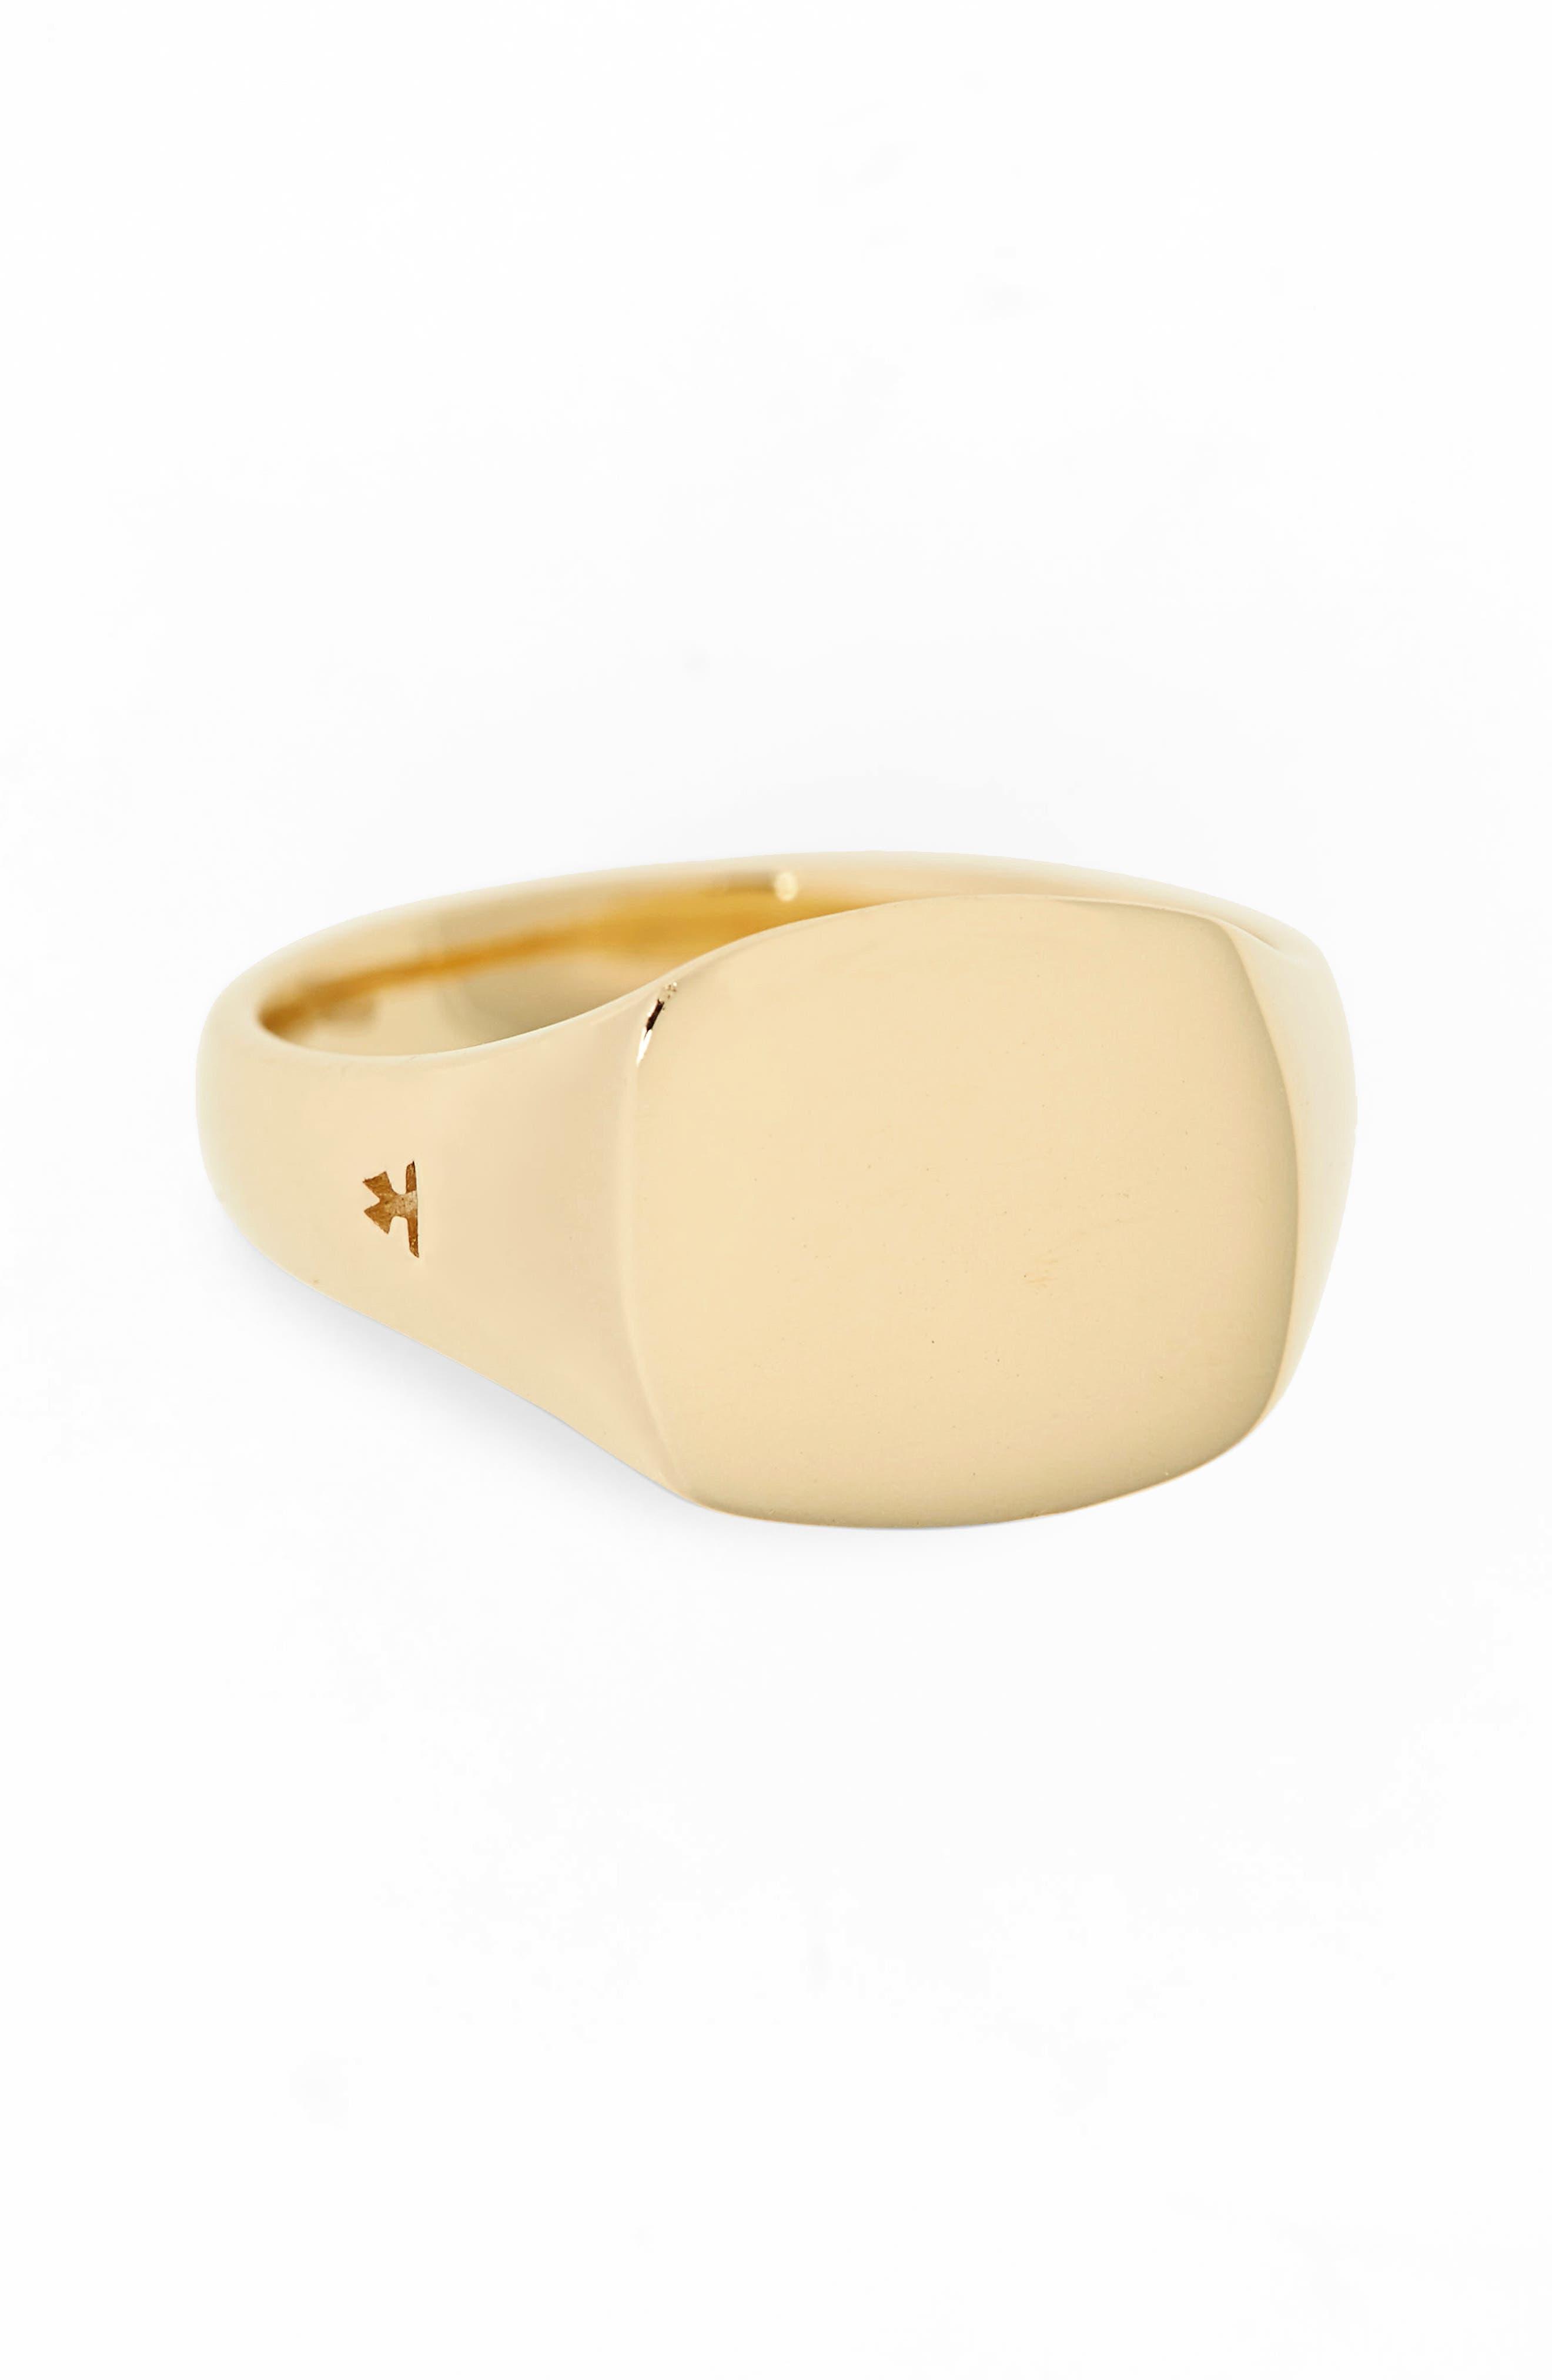 Mini Gold Cushion Signet Ring,                             Alternate thumbnail 2, color,